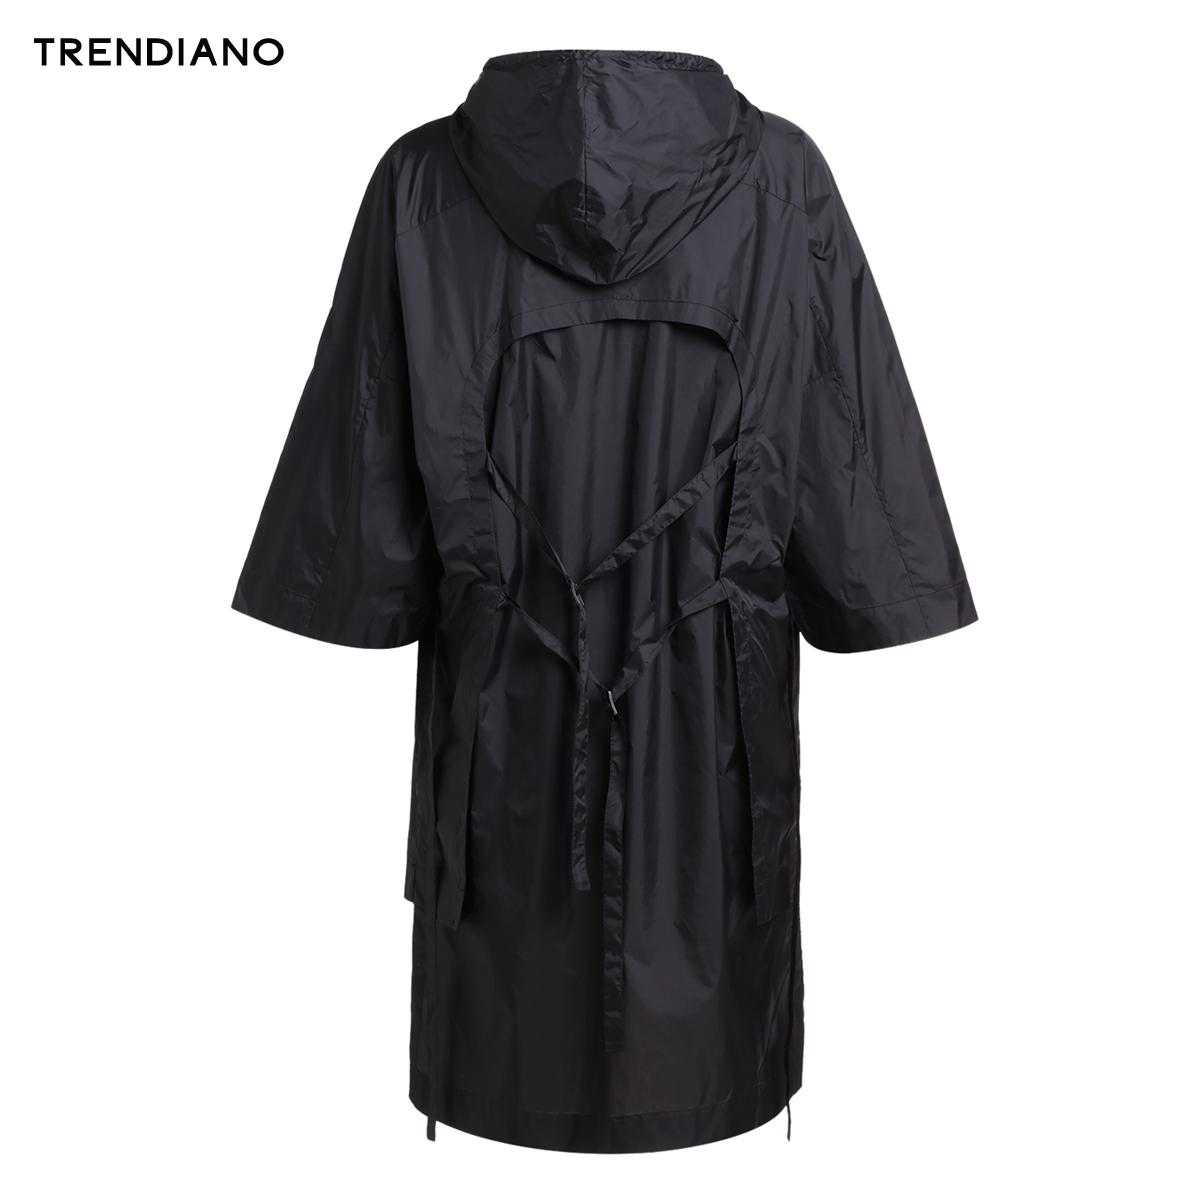 3JI2042470 新男装夏装潮流宽松字母不规则长款风衣外套 TRENDIANO